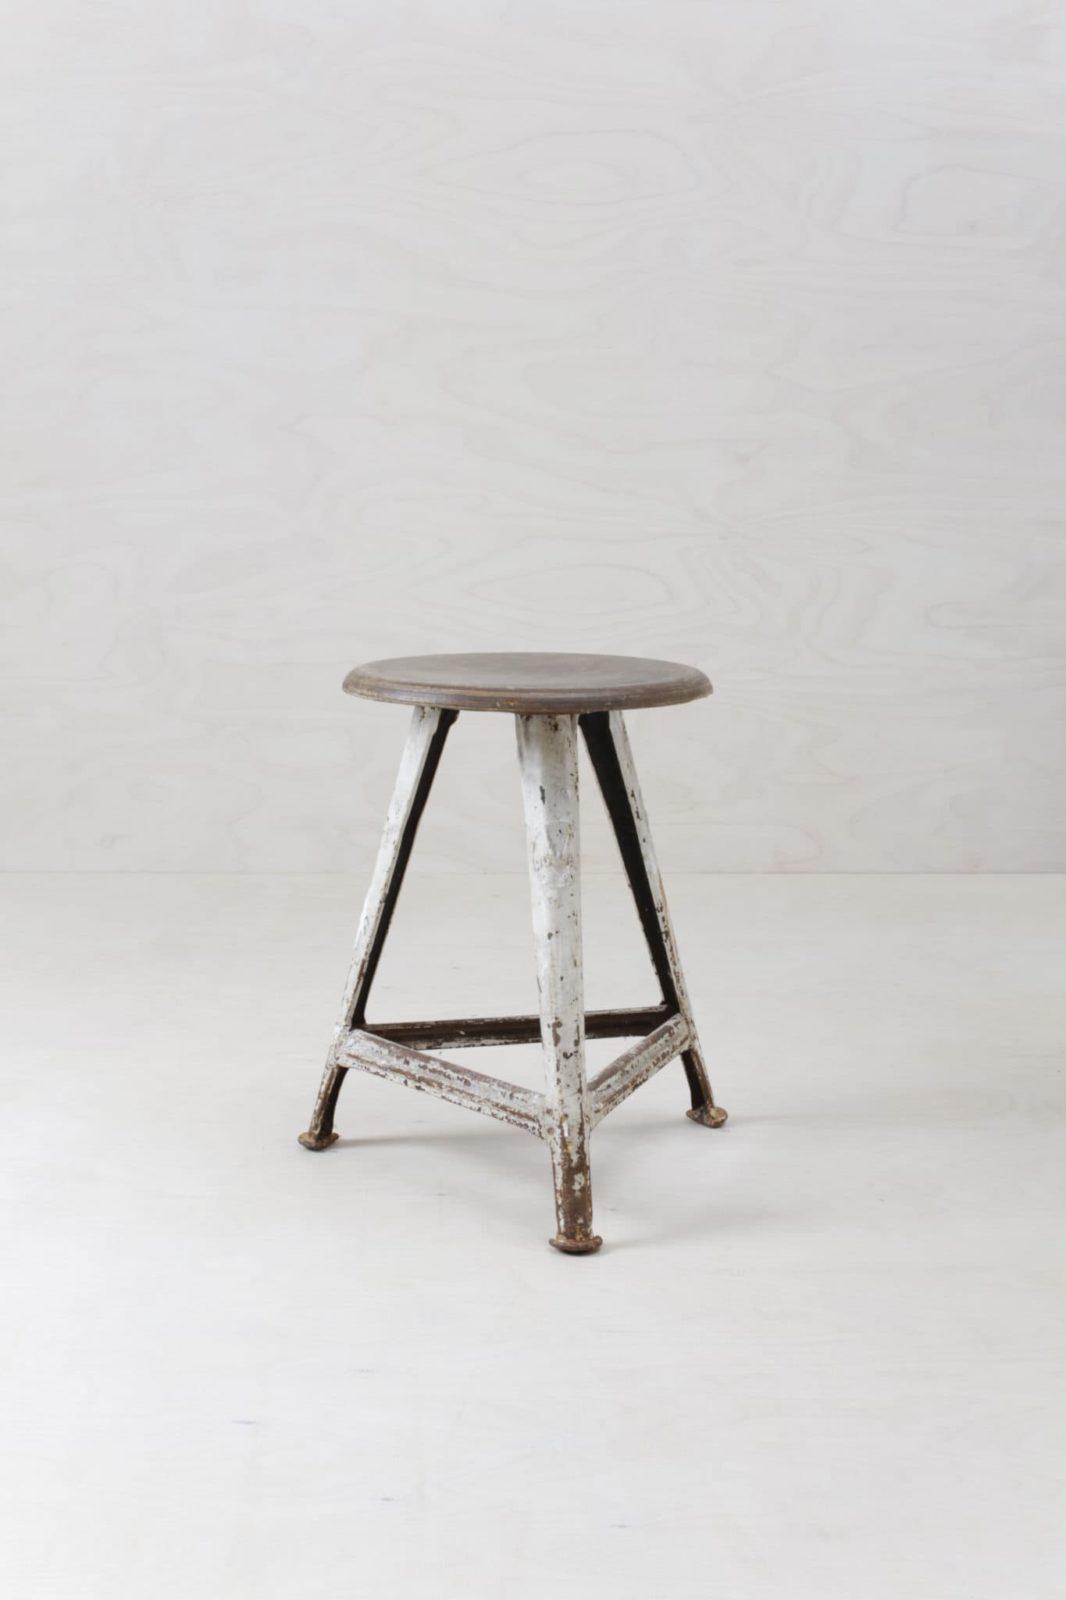 Hocker Marcos Vintage Rowac | Original Rowac Hocker für den beliebten Industrial Look. | gotvintage Rental & Event Design